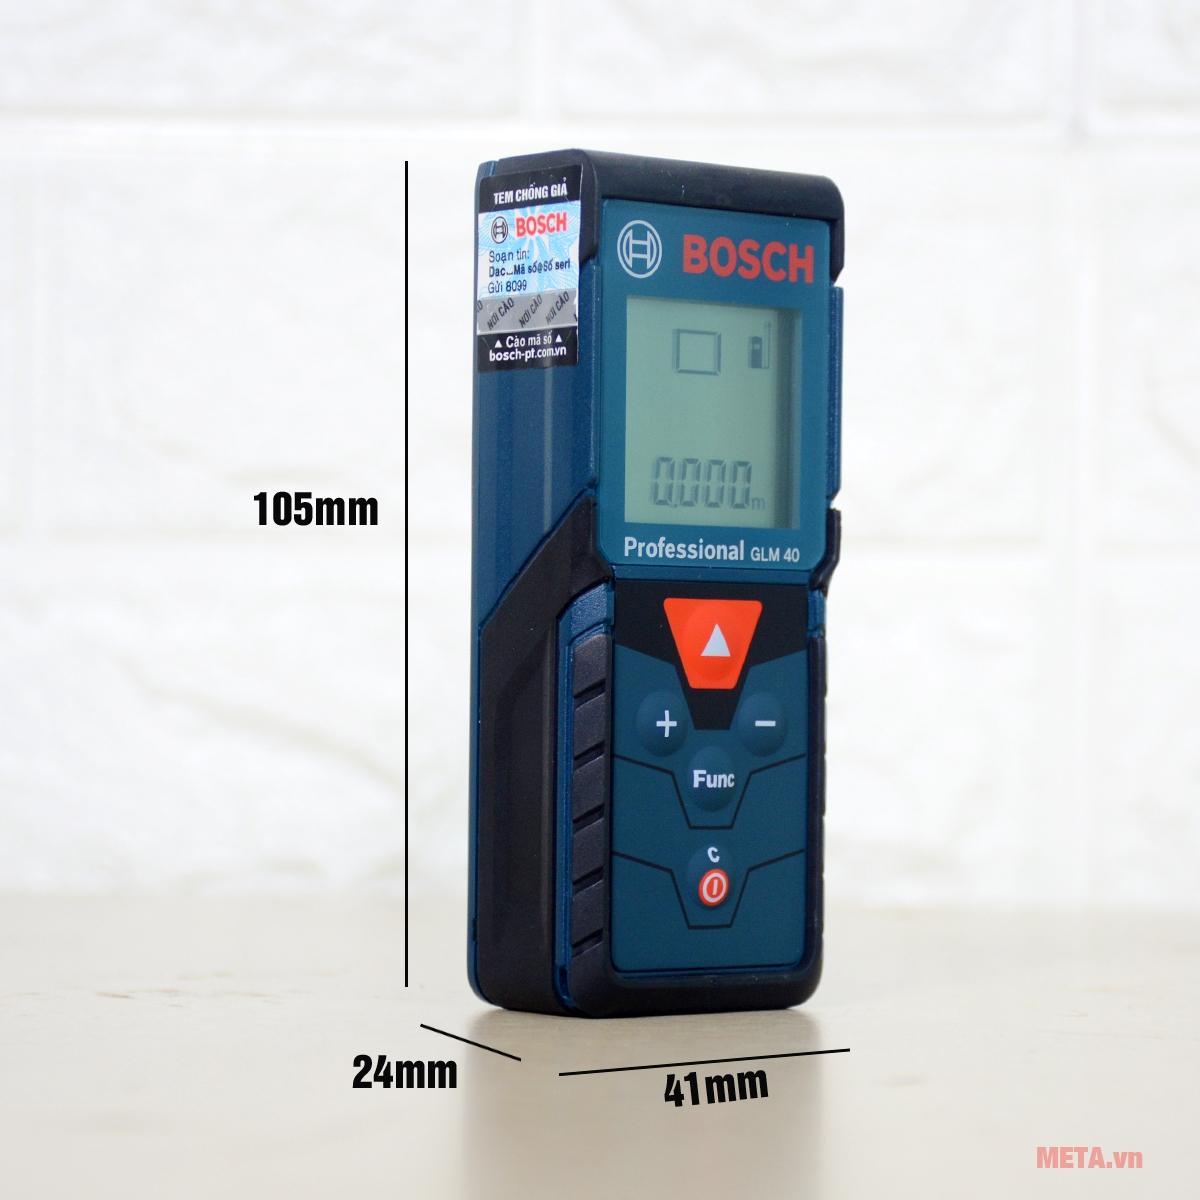 Máy đo khoảng cách laser Bosch GLM 40 thiết kế nhỏ gọn